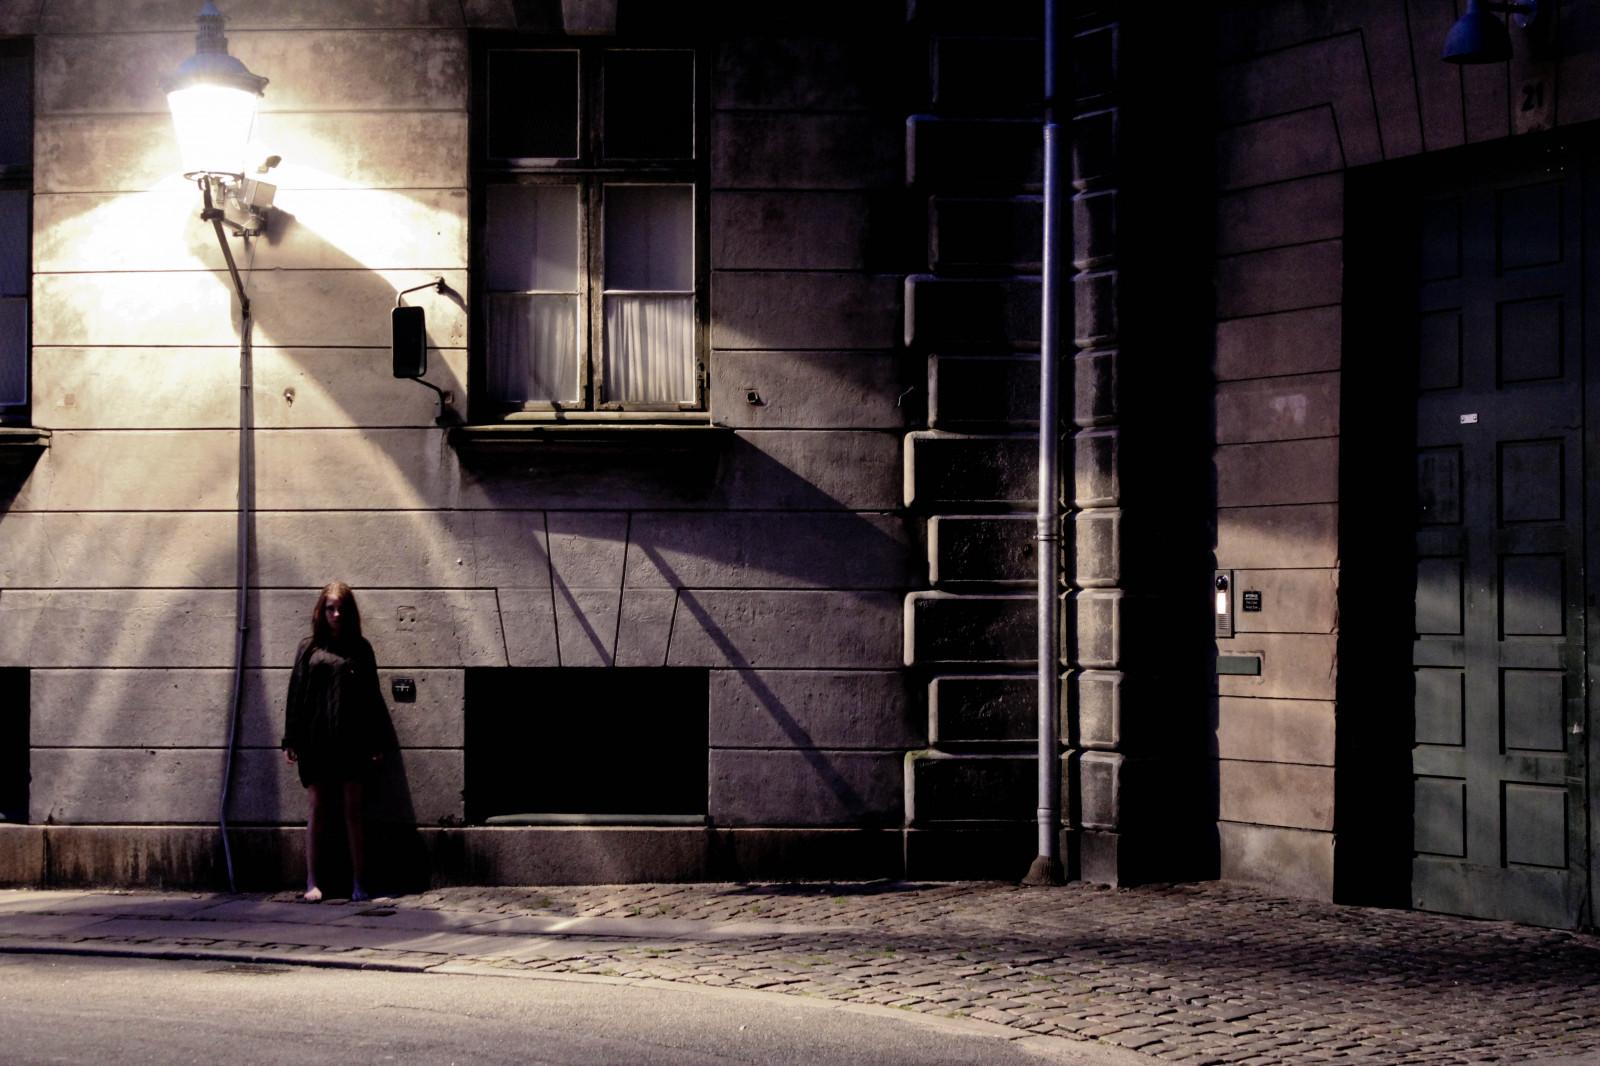 Wallpaper Women Model Window Dark City Street